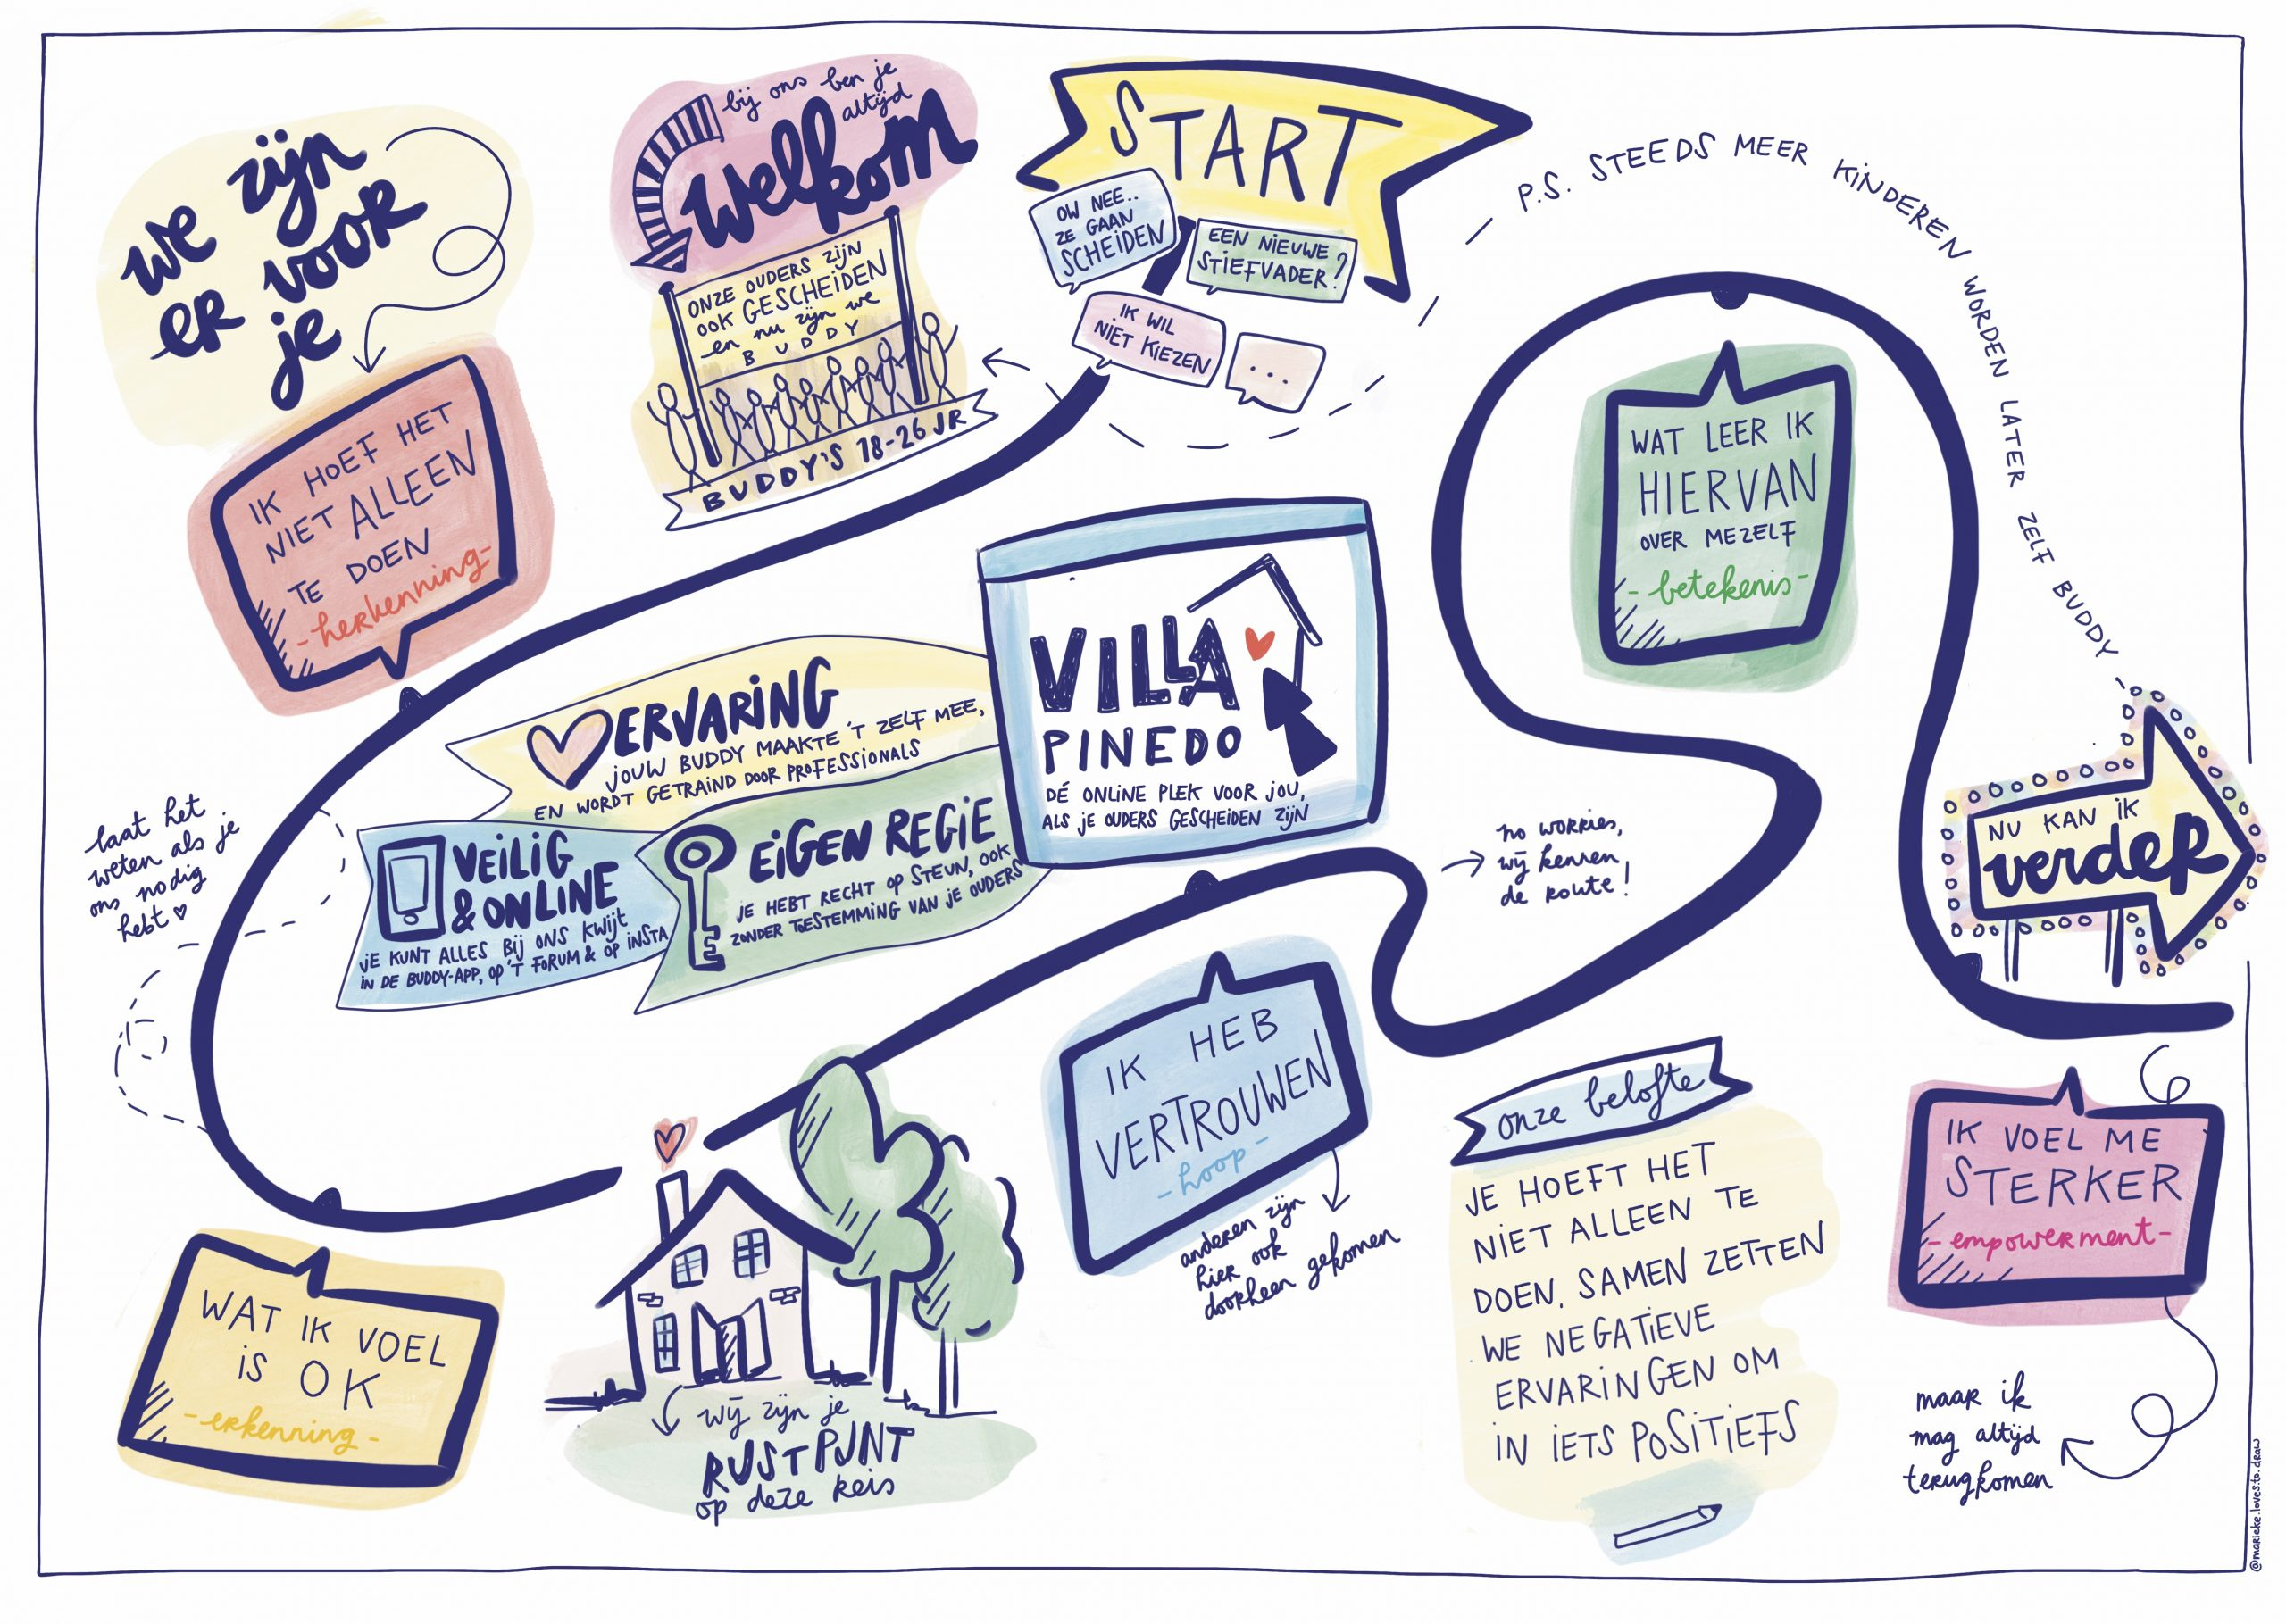 Visual methodiek v1